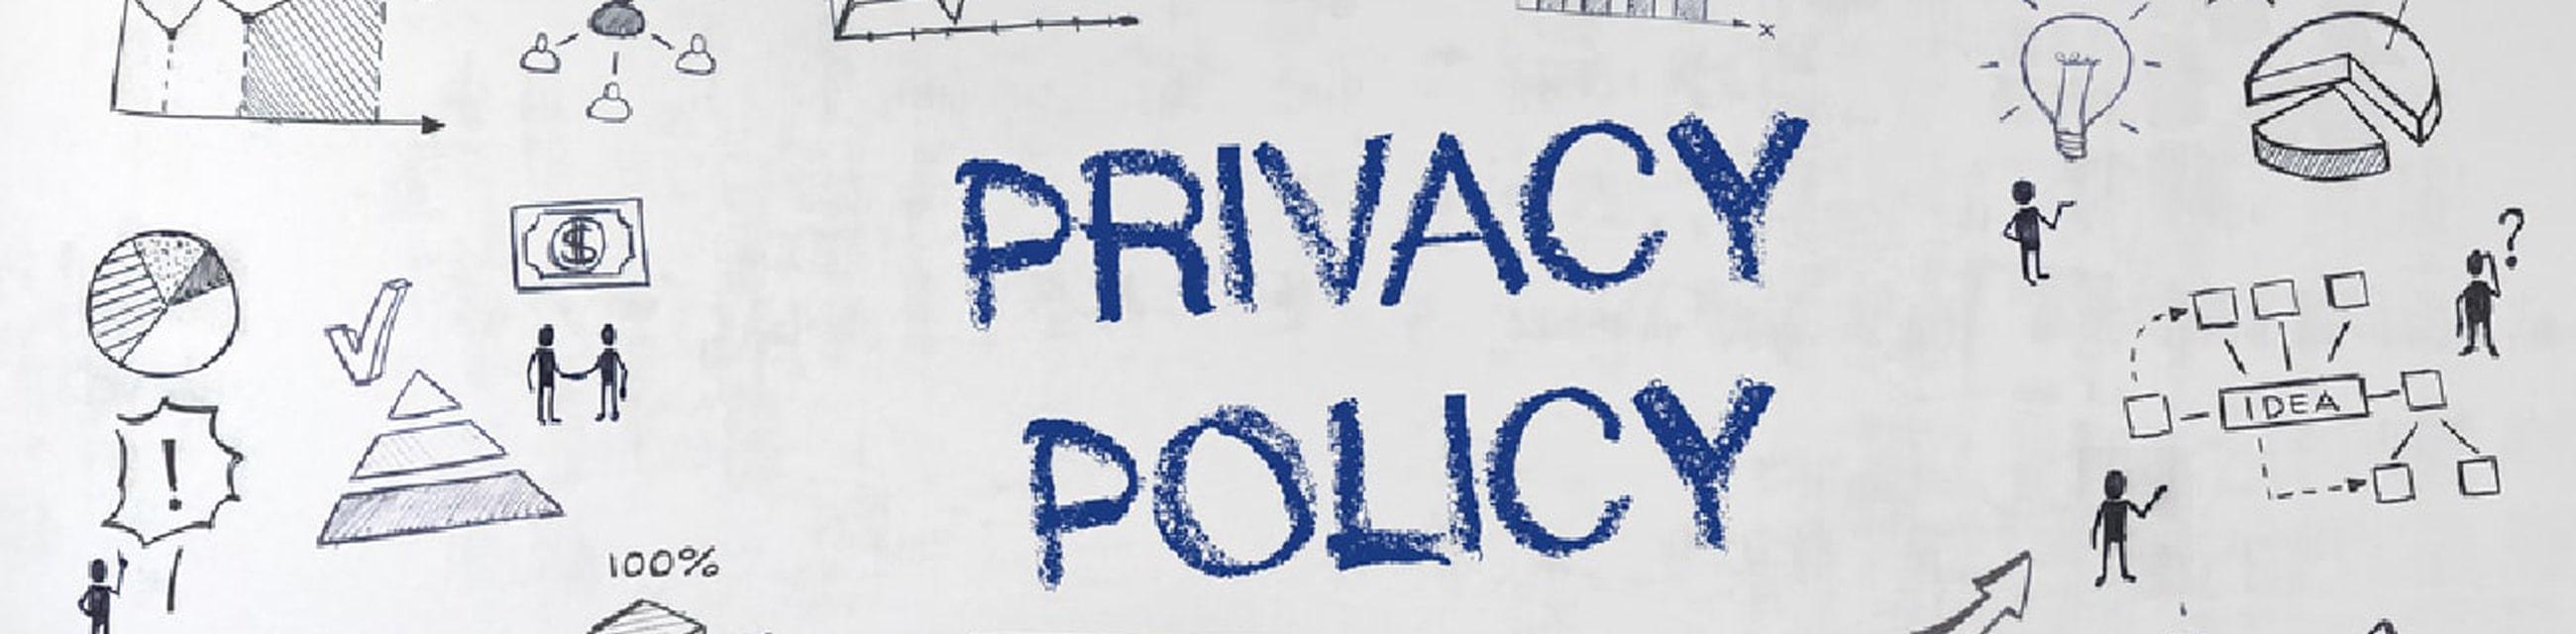 壁に描かれた壁画とprivacypolicyの文字